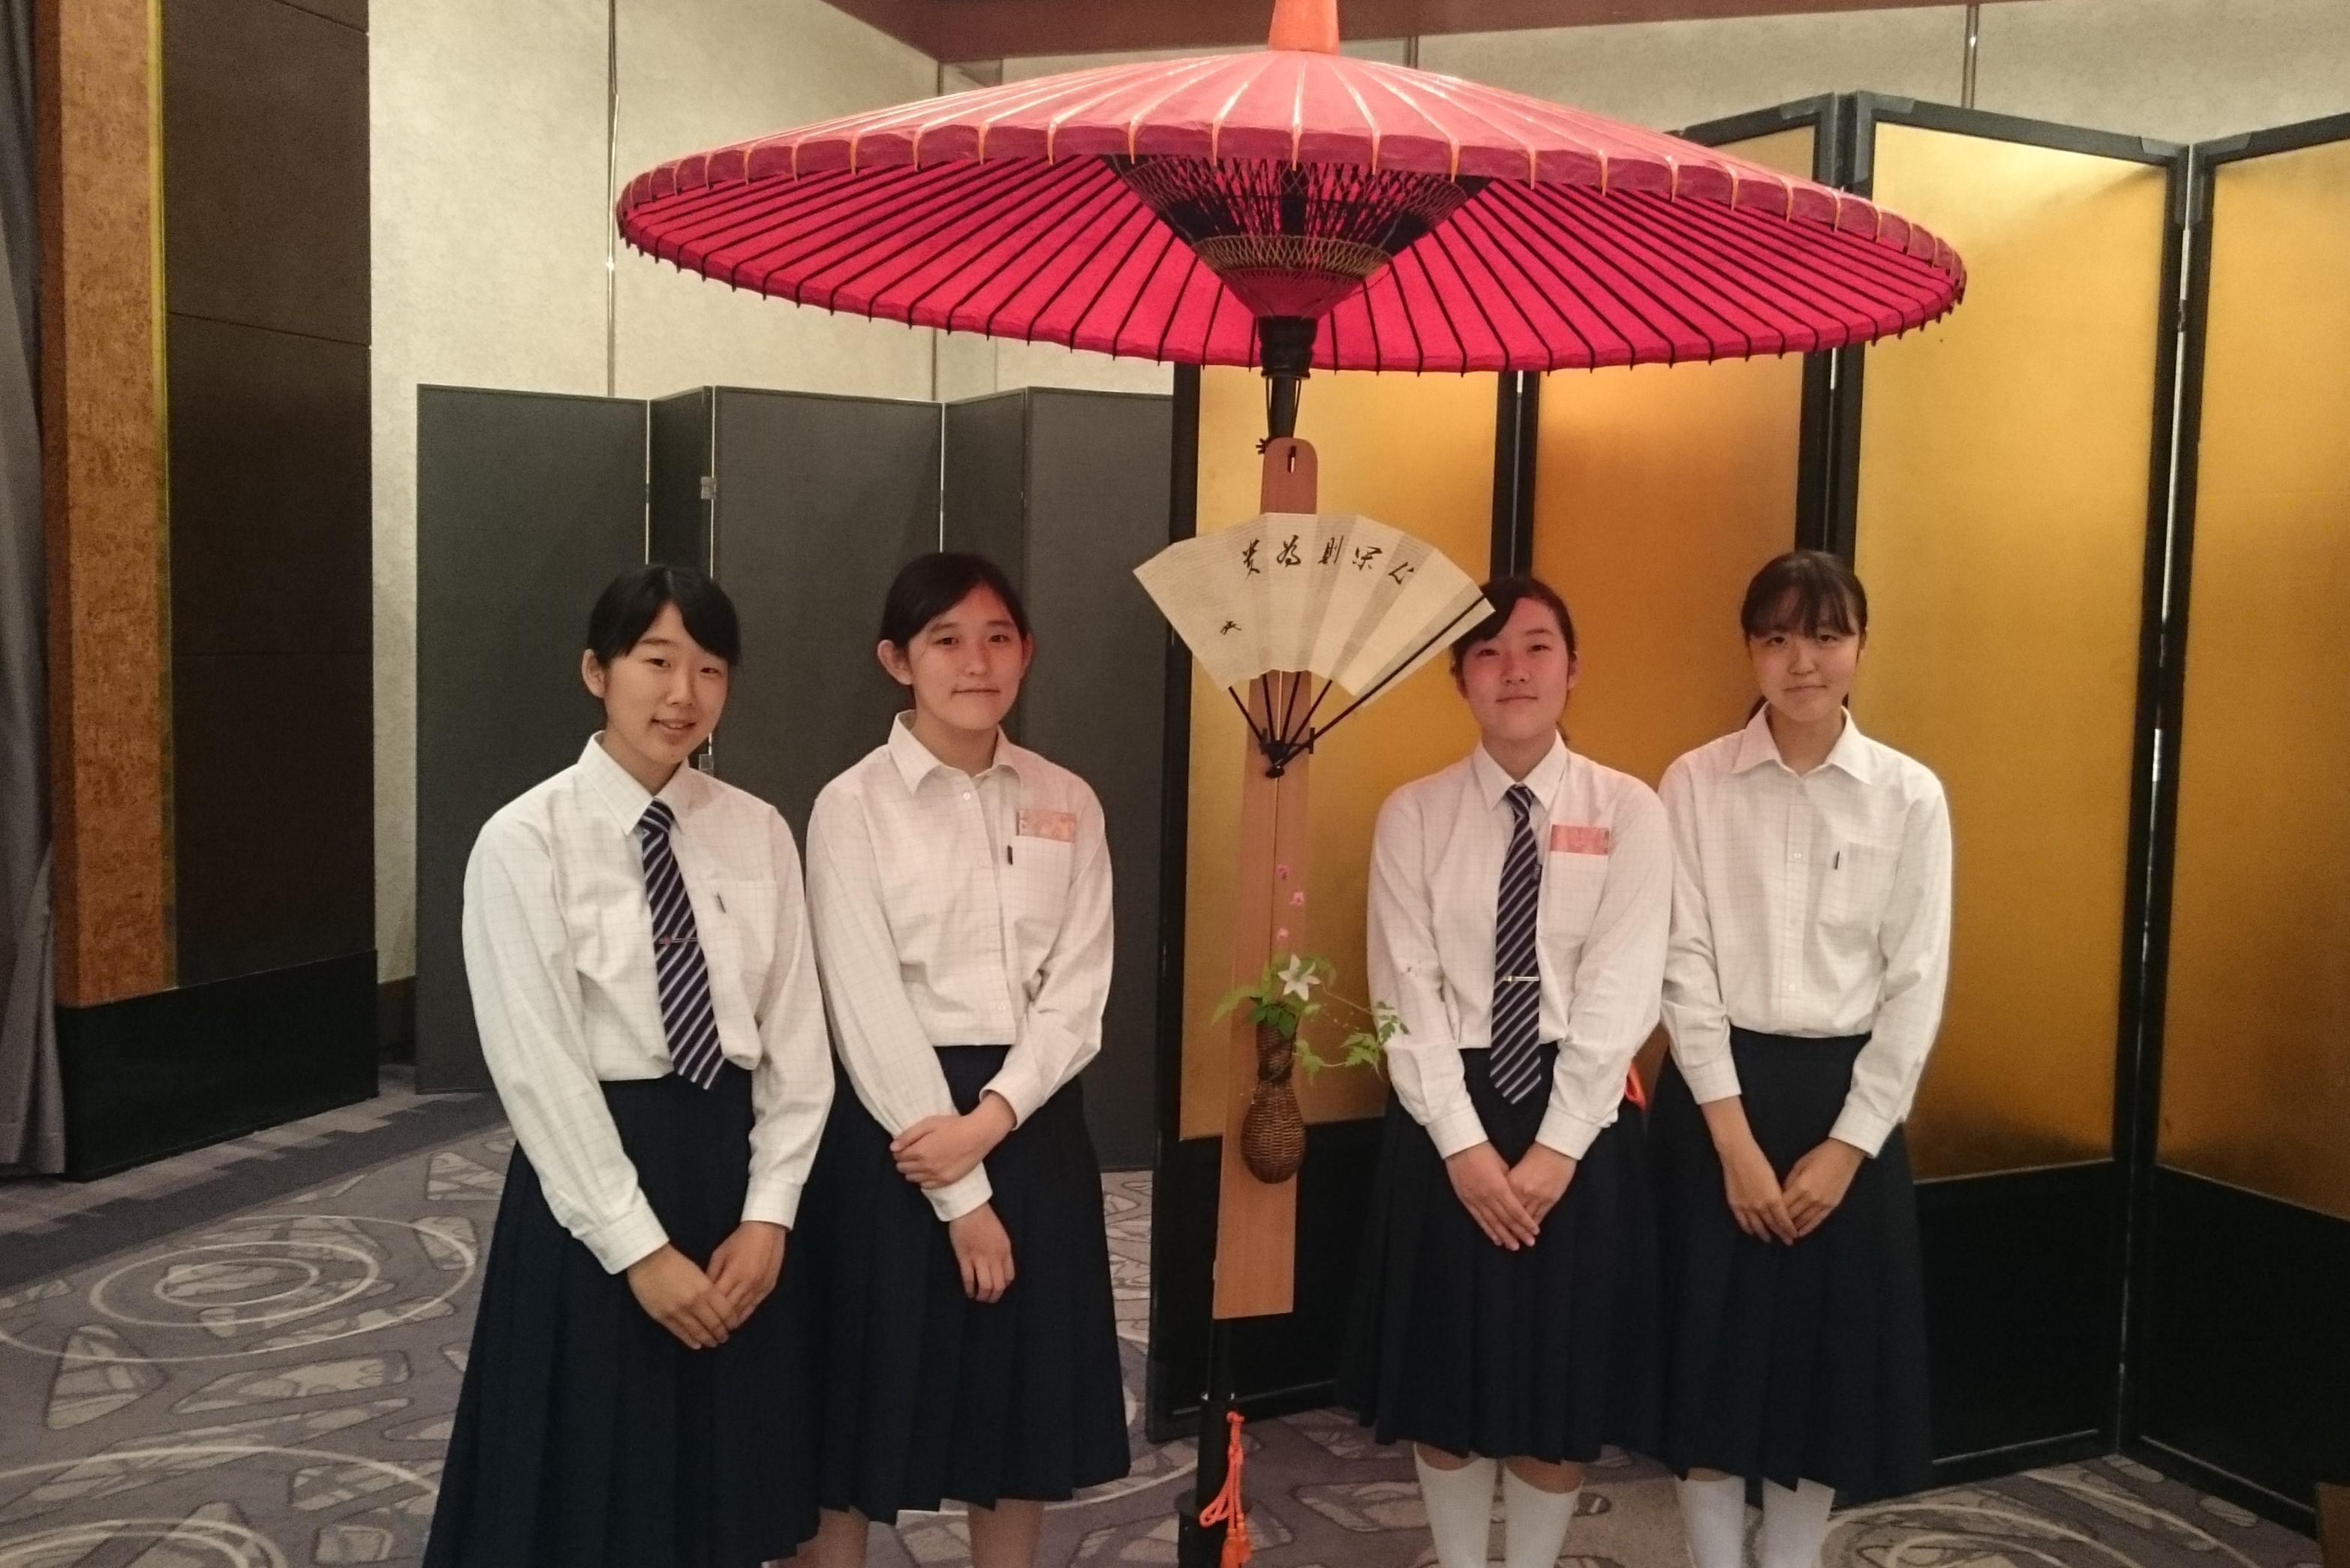 http://www.kyoto-be.ne.jp/nishijyouyou-hs/mt/club/images/DSC_0831%20%282%29.JPG